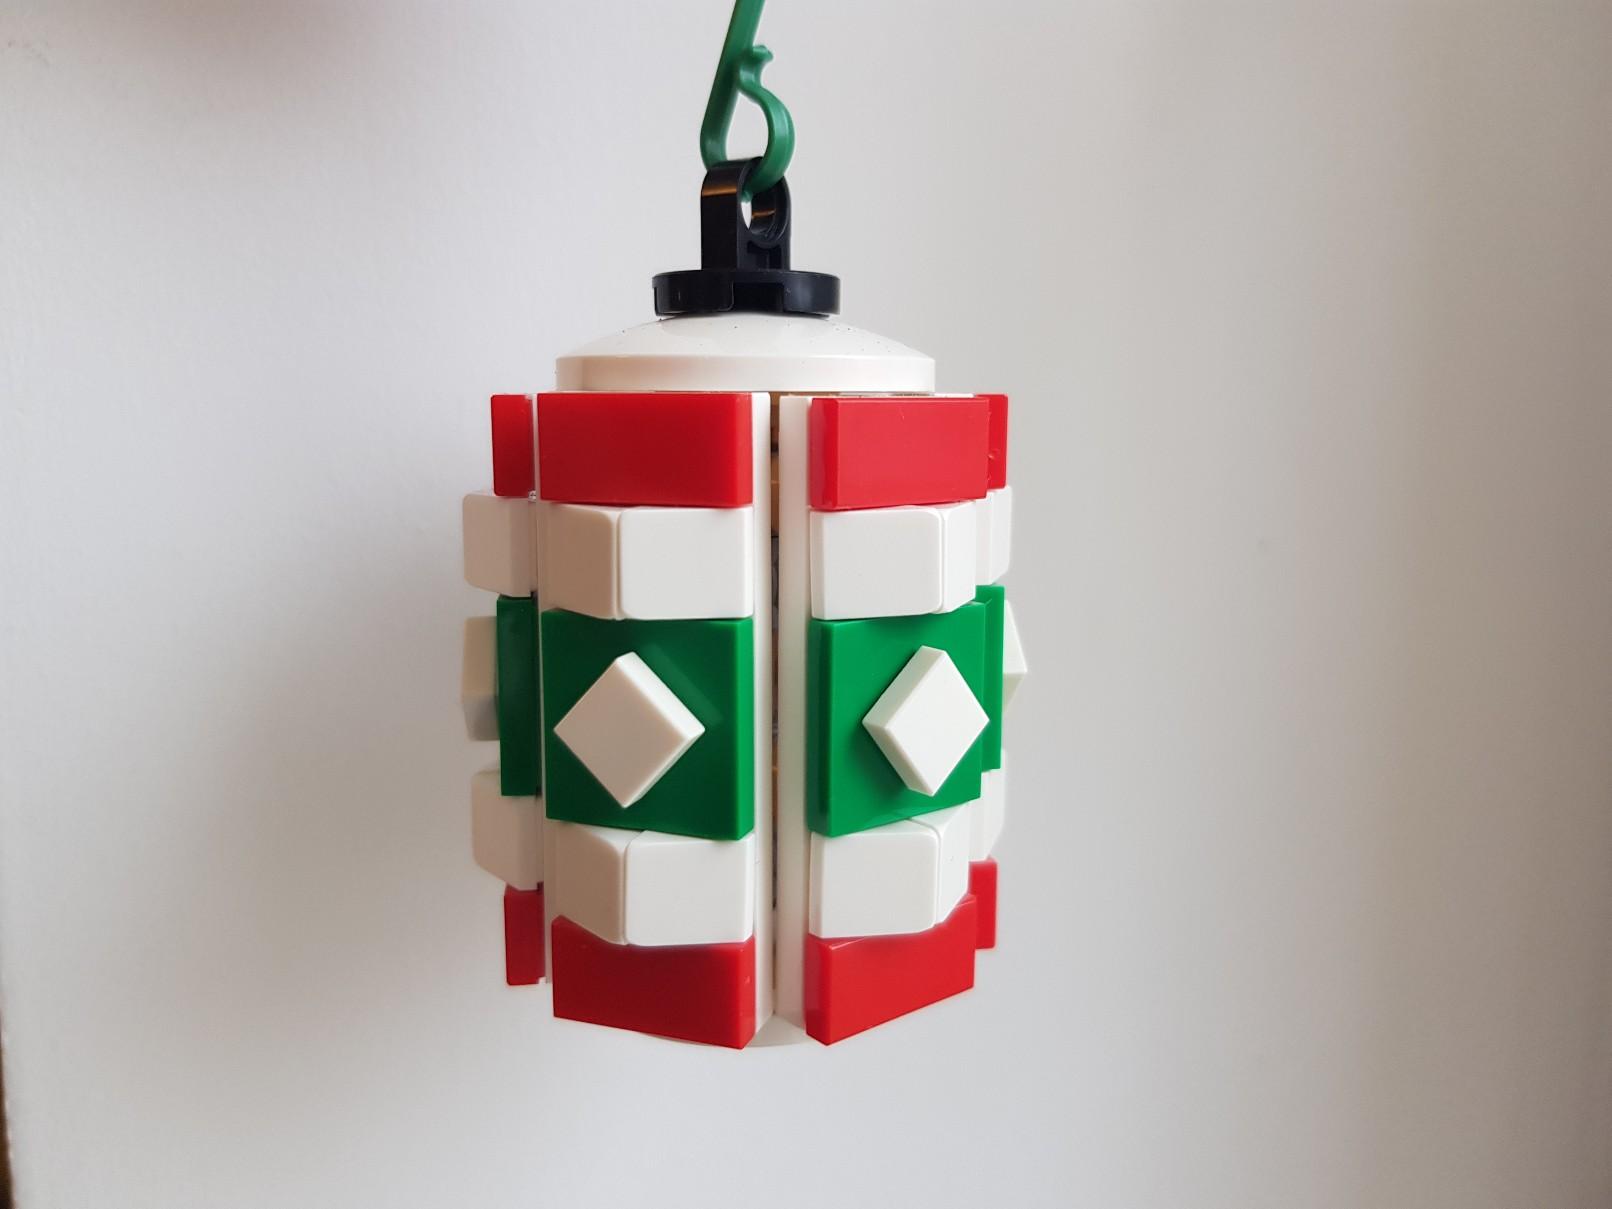 lego moc christmas baubles ornament barrel 2